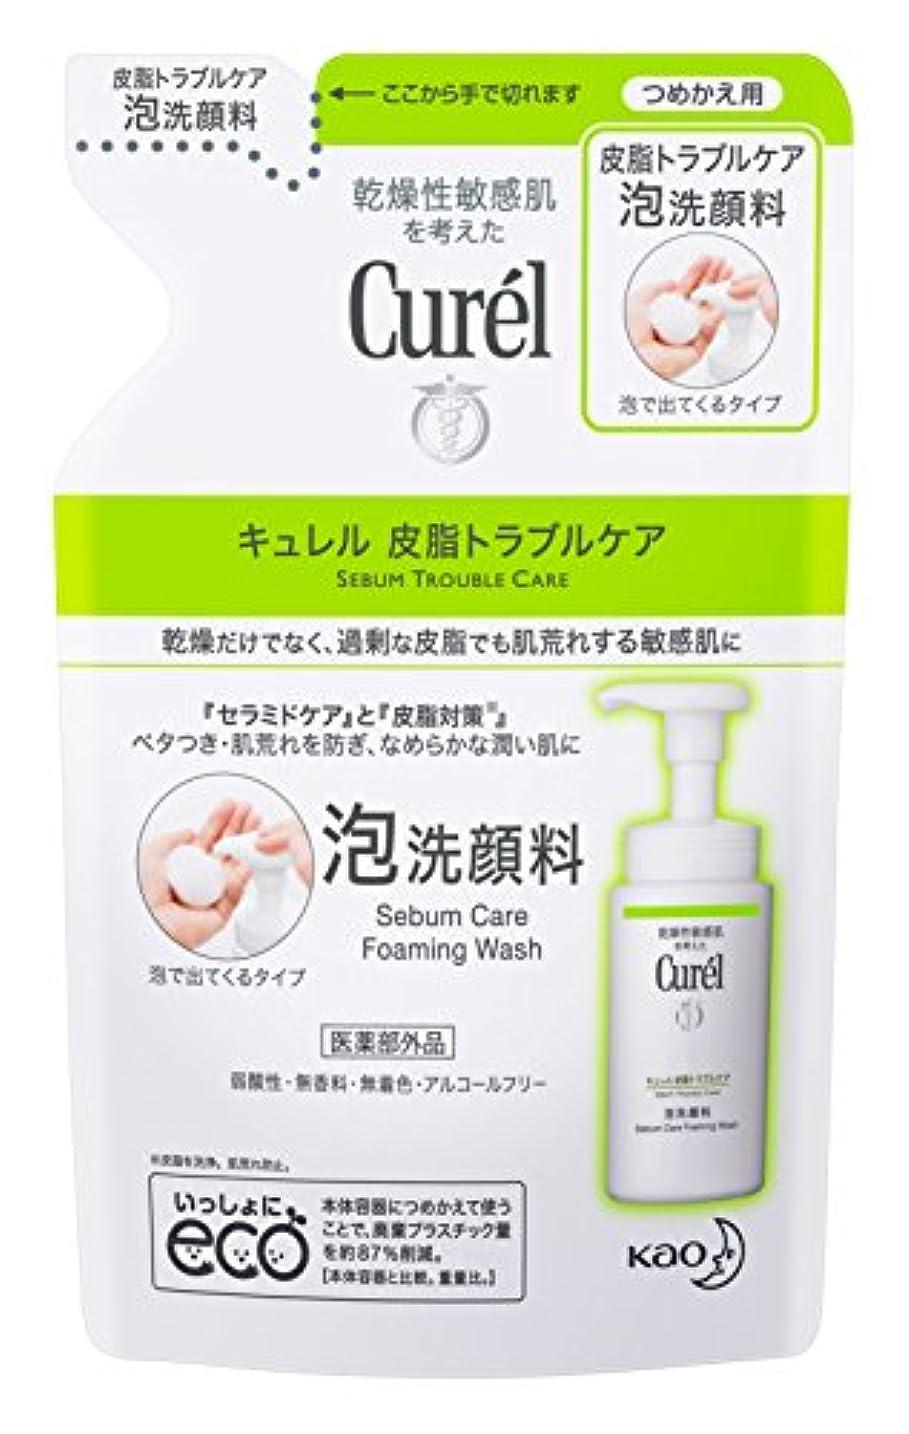 記録請求一致キュレル 皮脂トラブルケア泡洗顔料 つめかえ用 130ml